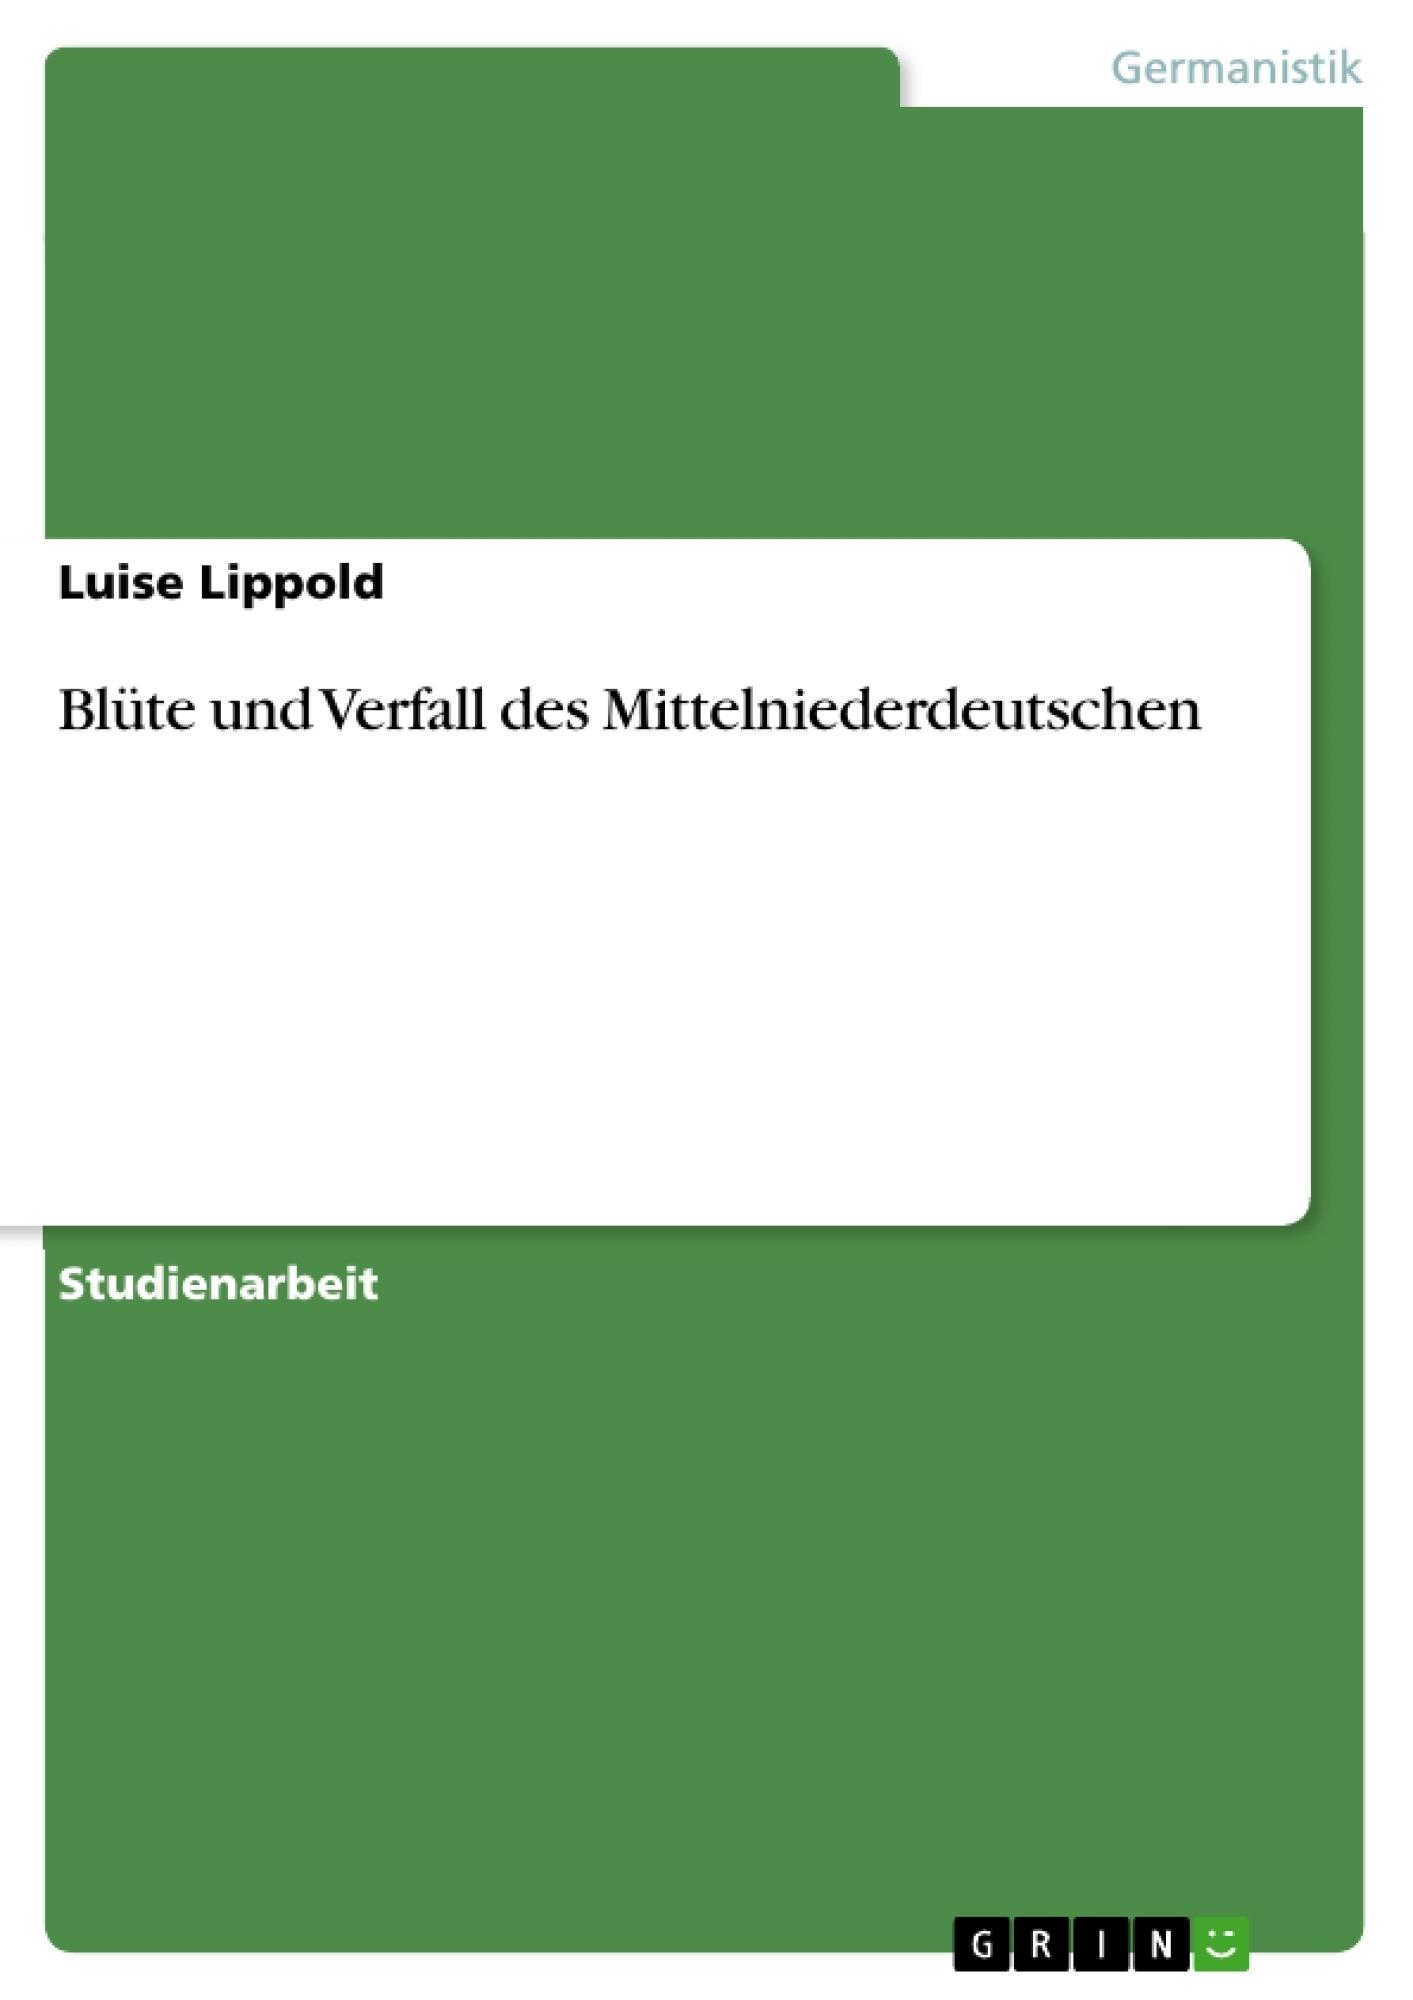 Titel: Blüte und Verfall des Mittelniederdeutschen